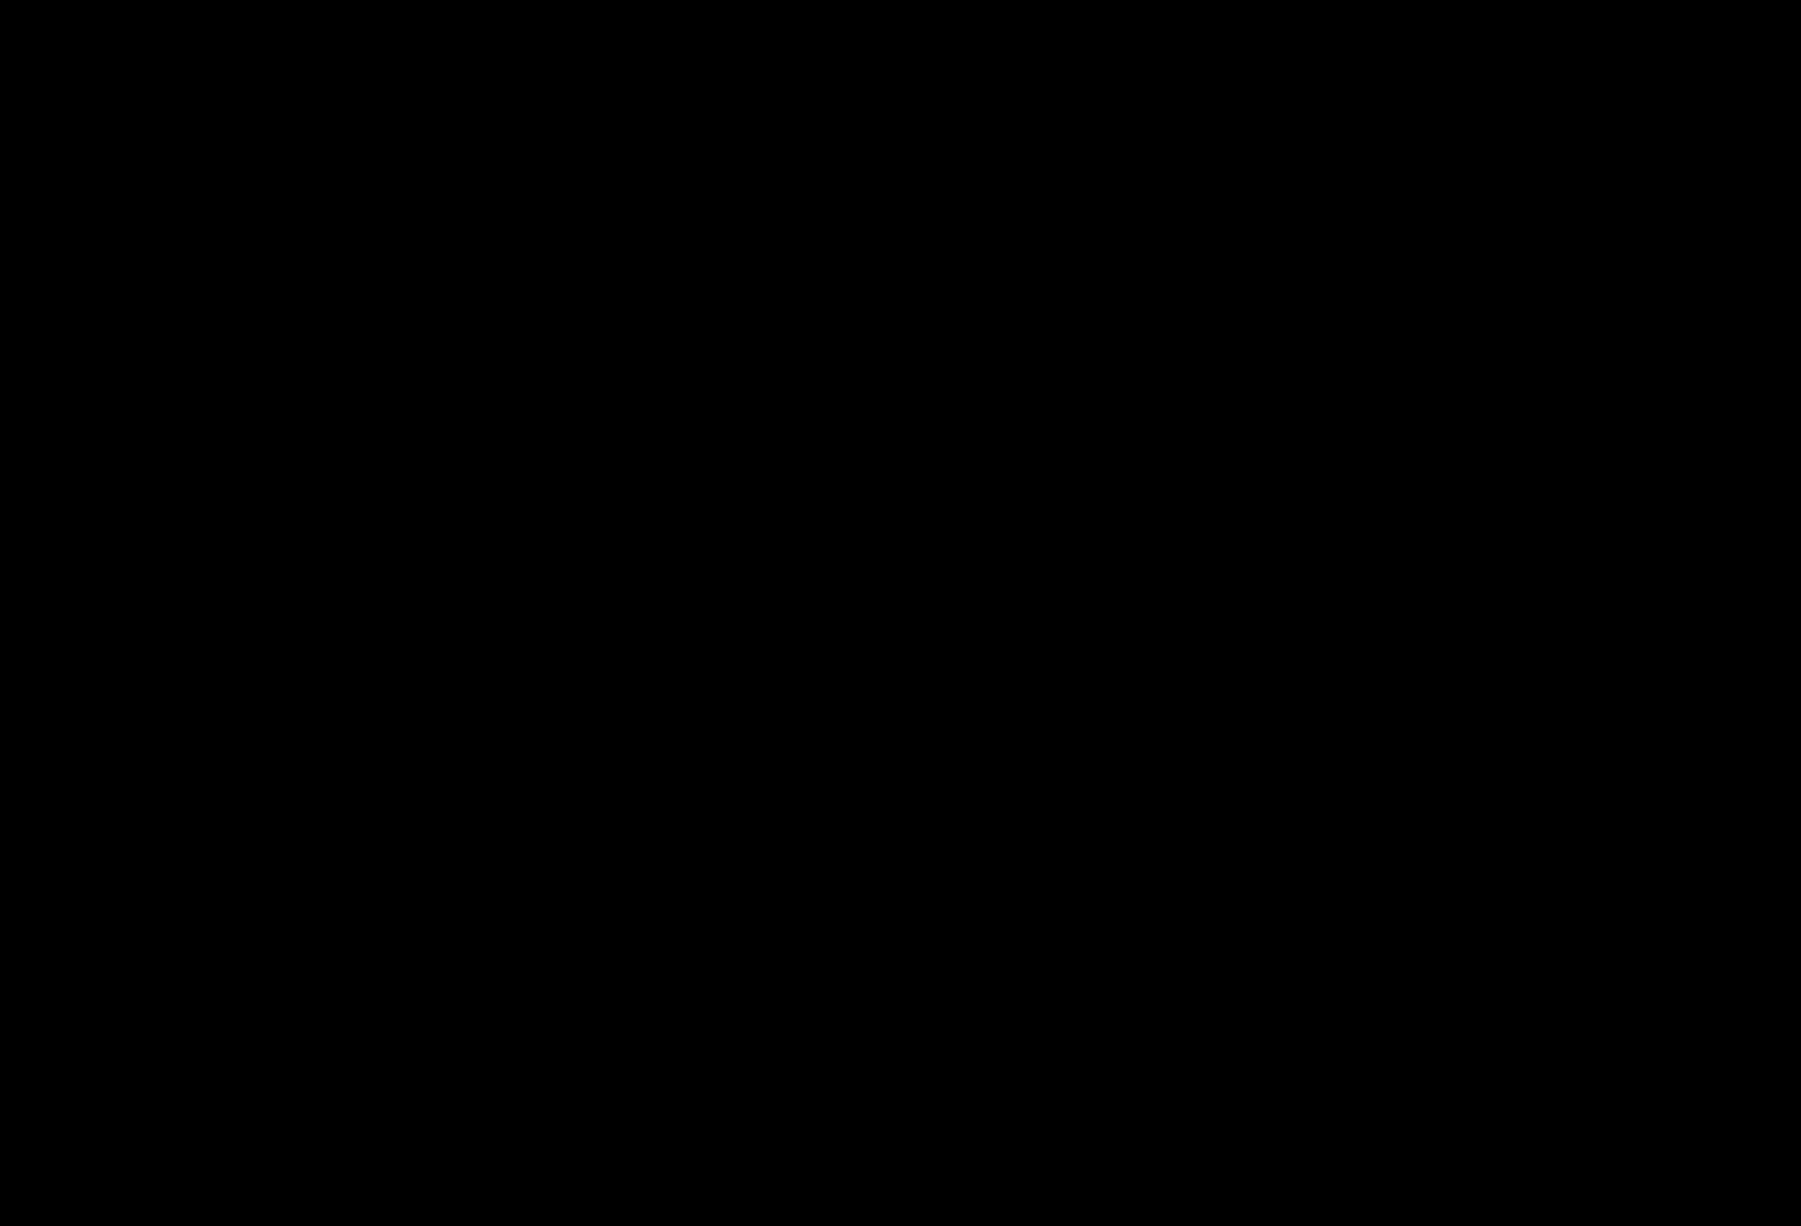 Komplet naklejek siłownia siłacze 8sztuk 45cm  x 12cm